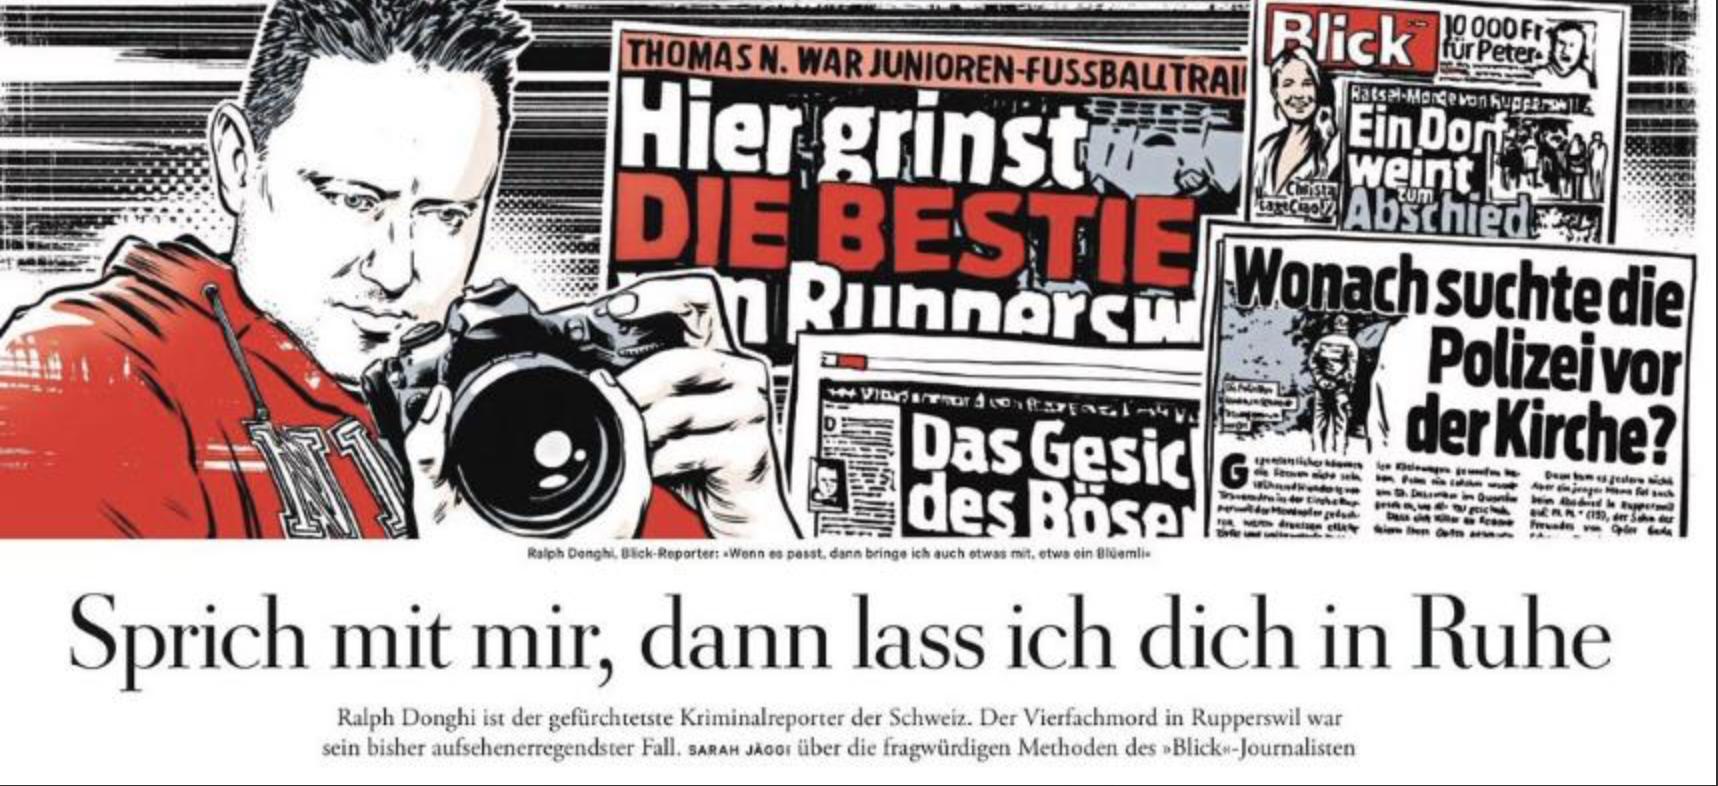 Knapp ein Jahr nach dem Vierfachmord in Rupperswil berichtete Die Zeit über  die Arbeitsweise des Blick-Reporters. (Bild: Screenshot)